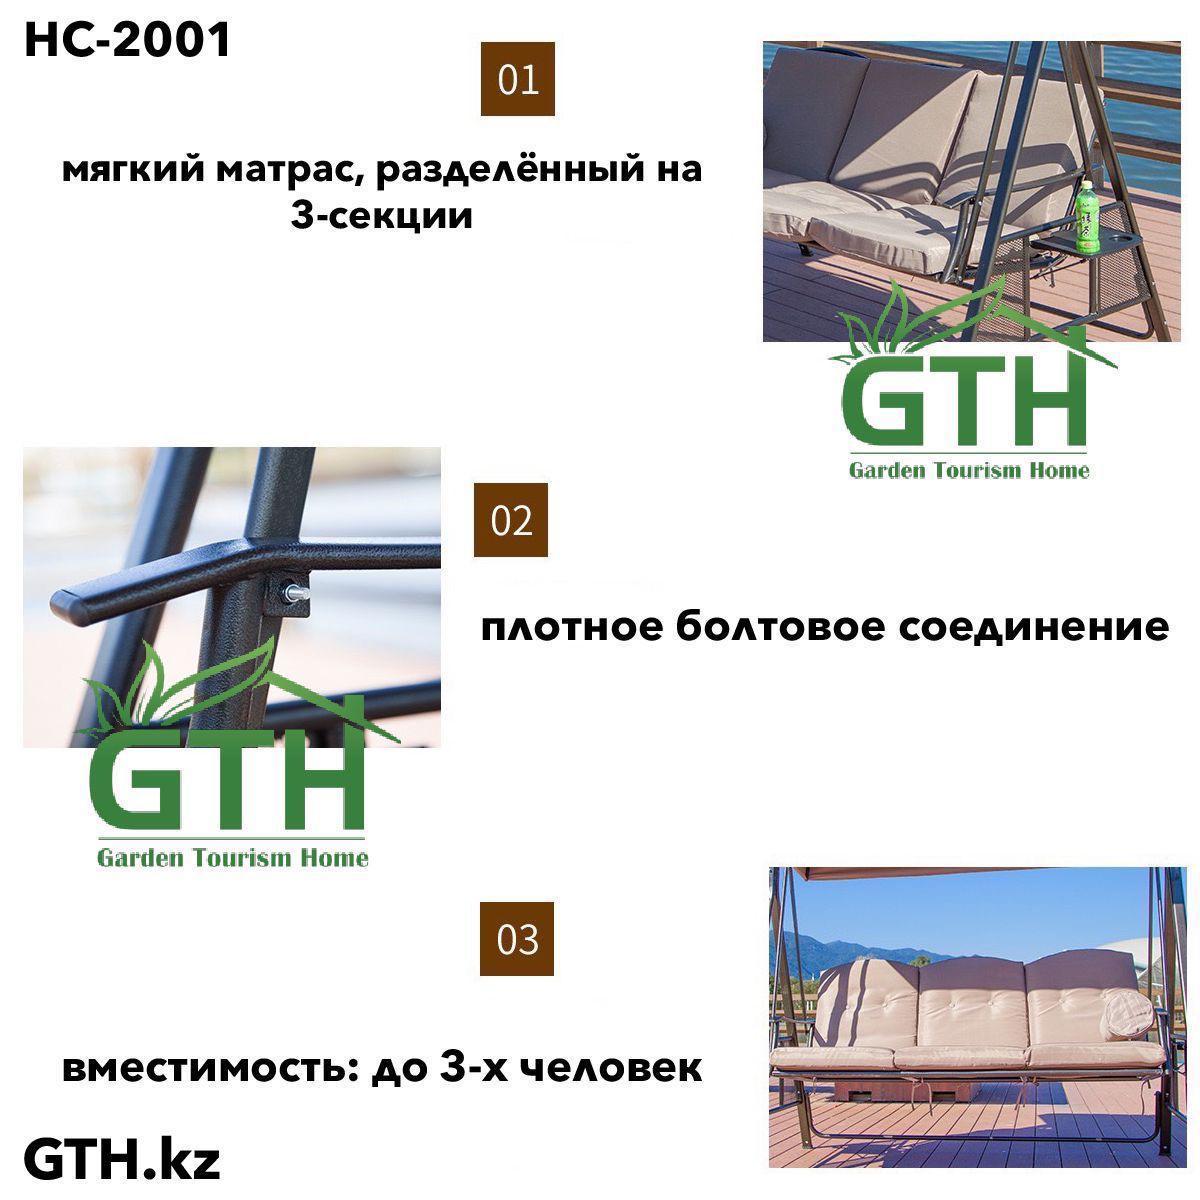 Садовые качели HC-2001. Трехместные, нагрузка 250 кг. Доставка и сборка. - фото 4